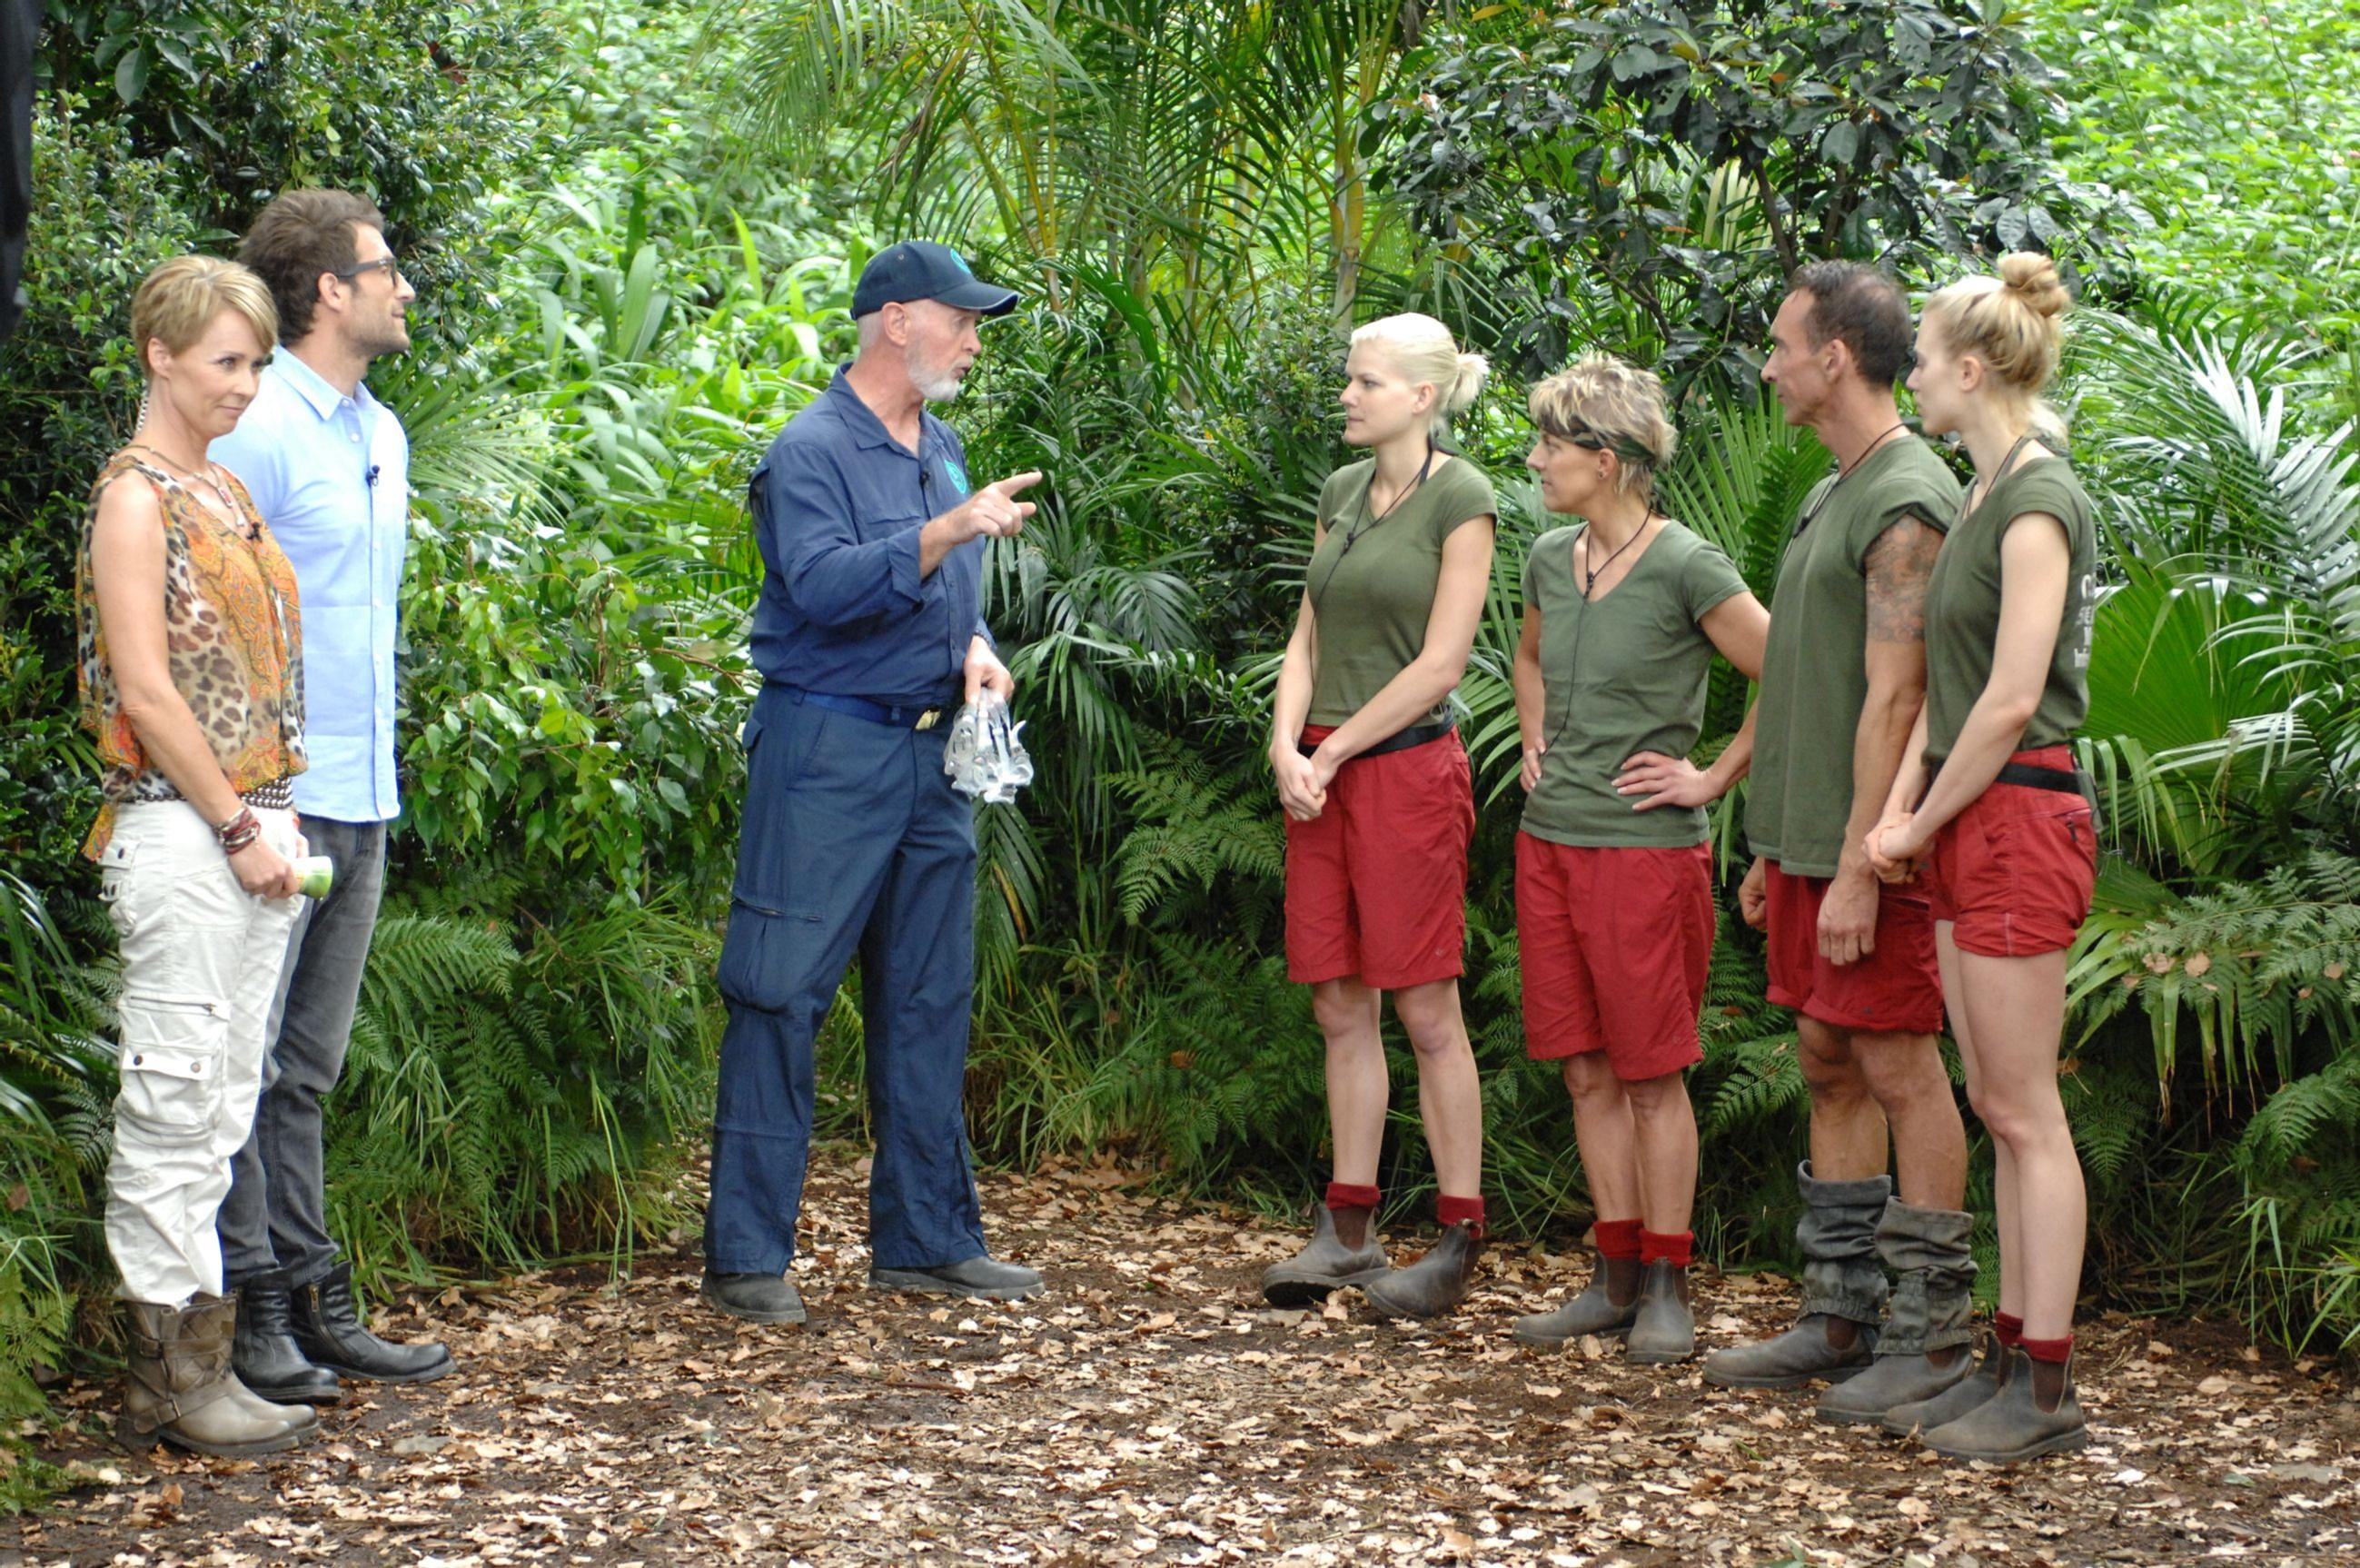 Dschungelprüfung Tag 15 - Kein leichtes Spiel